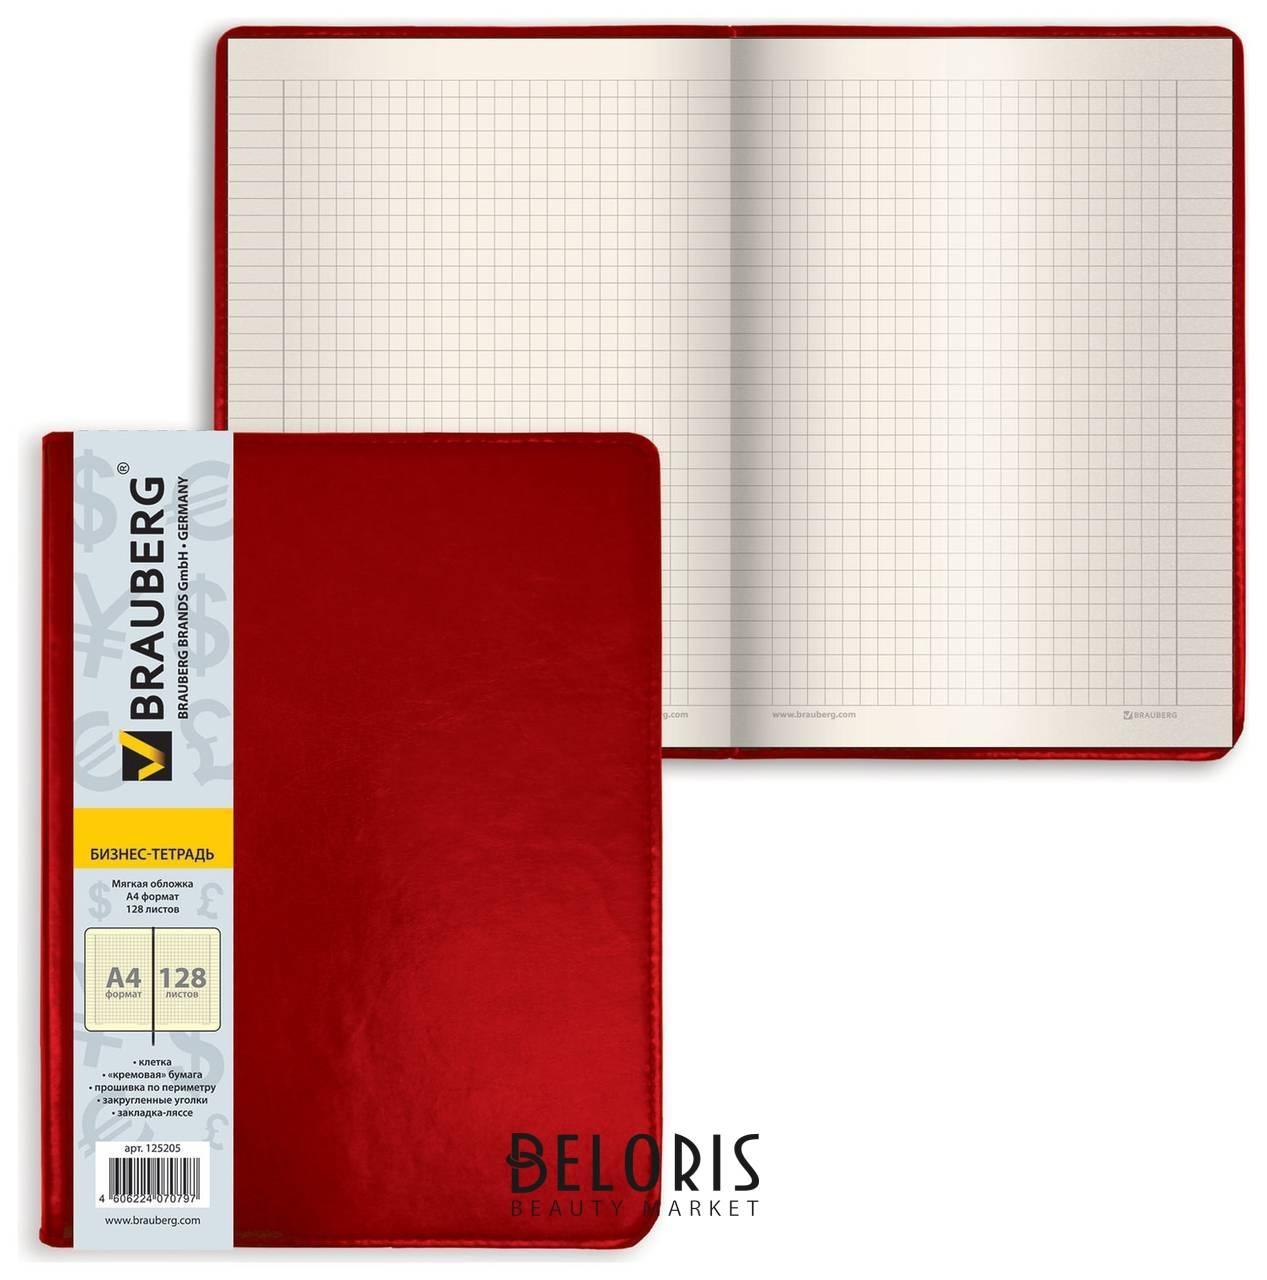 Блокнот большой формат (200х252 мм) А4, Brauberg Income, 128 л., гладкий кожзаменитель, клетка, красный Brauberg